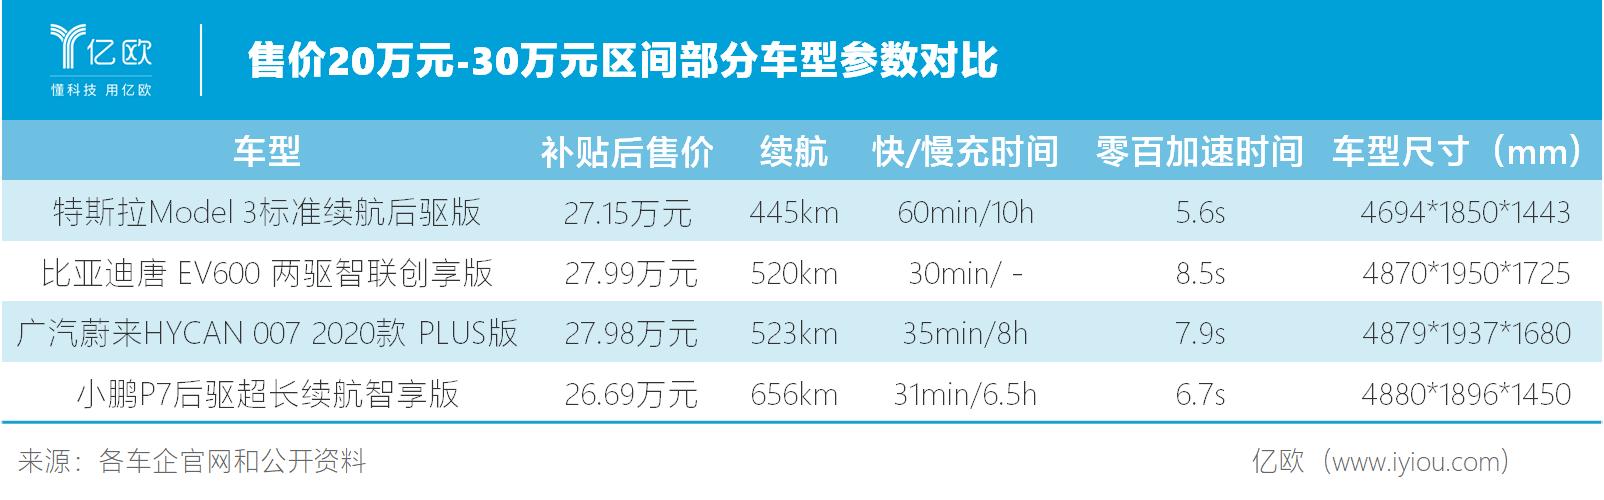 特斯拉与竞争车型参数对比.jpg